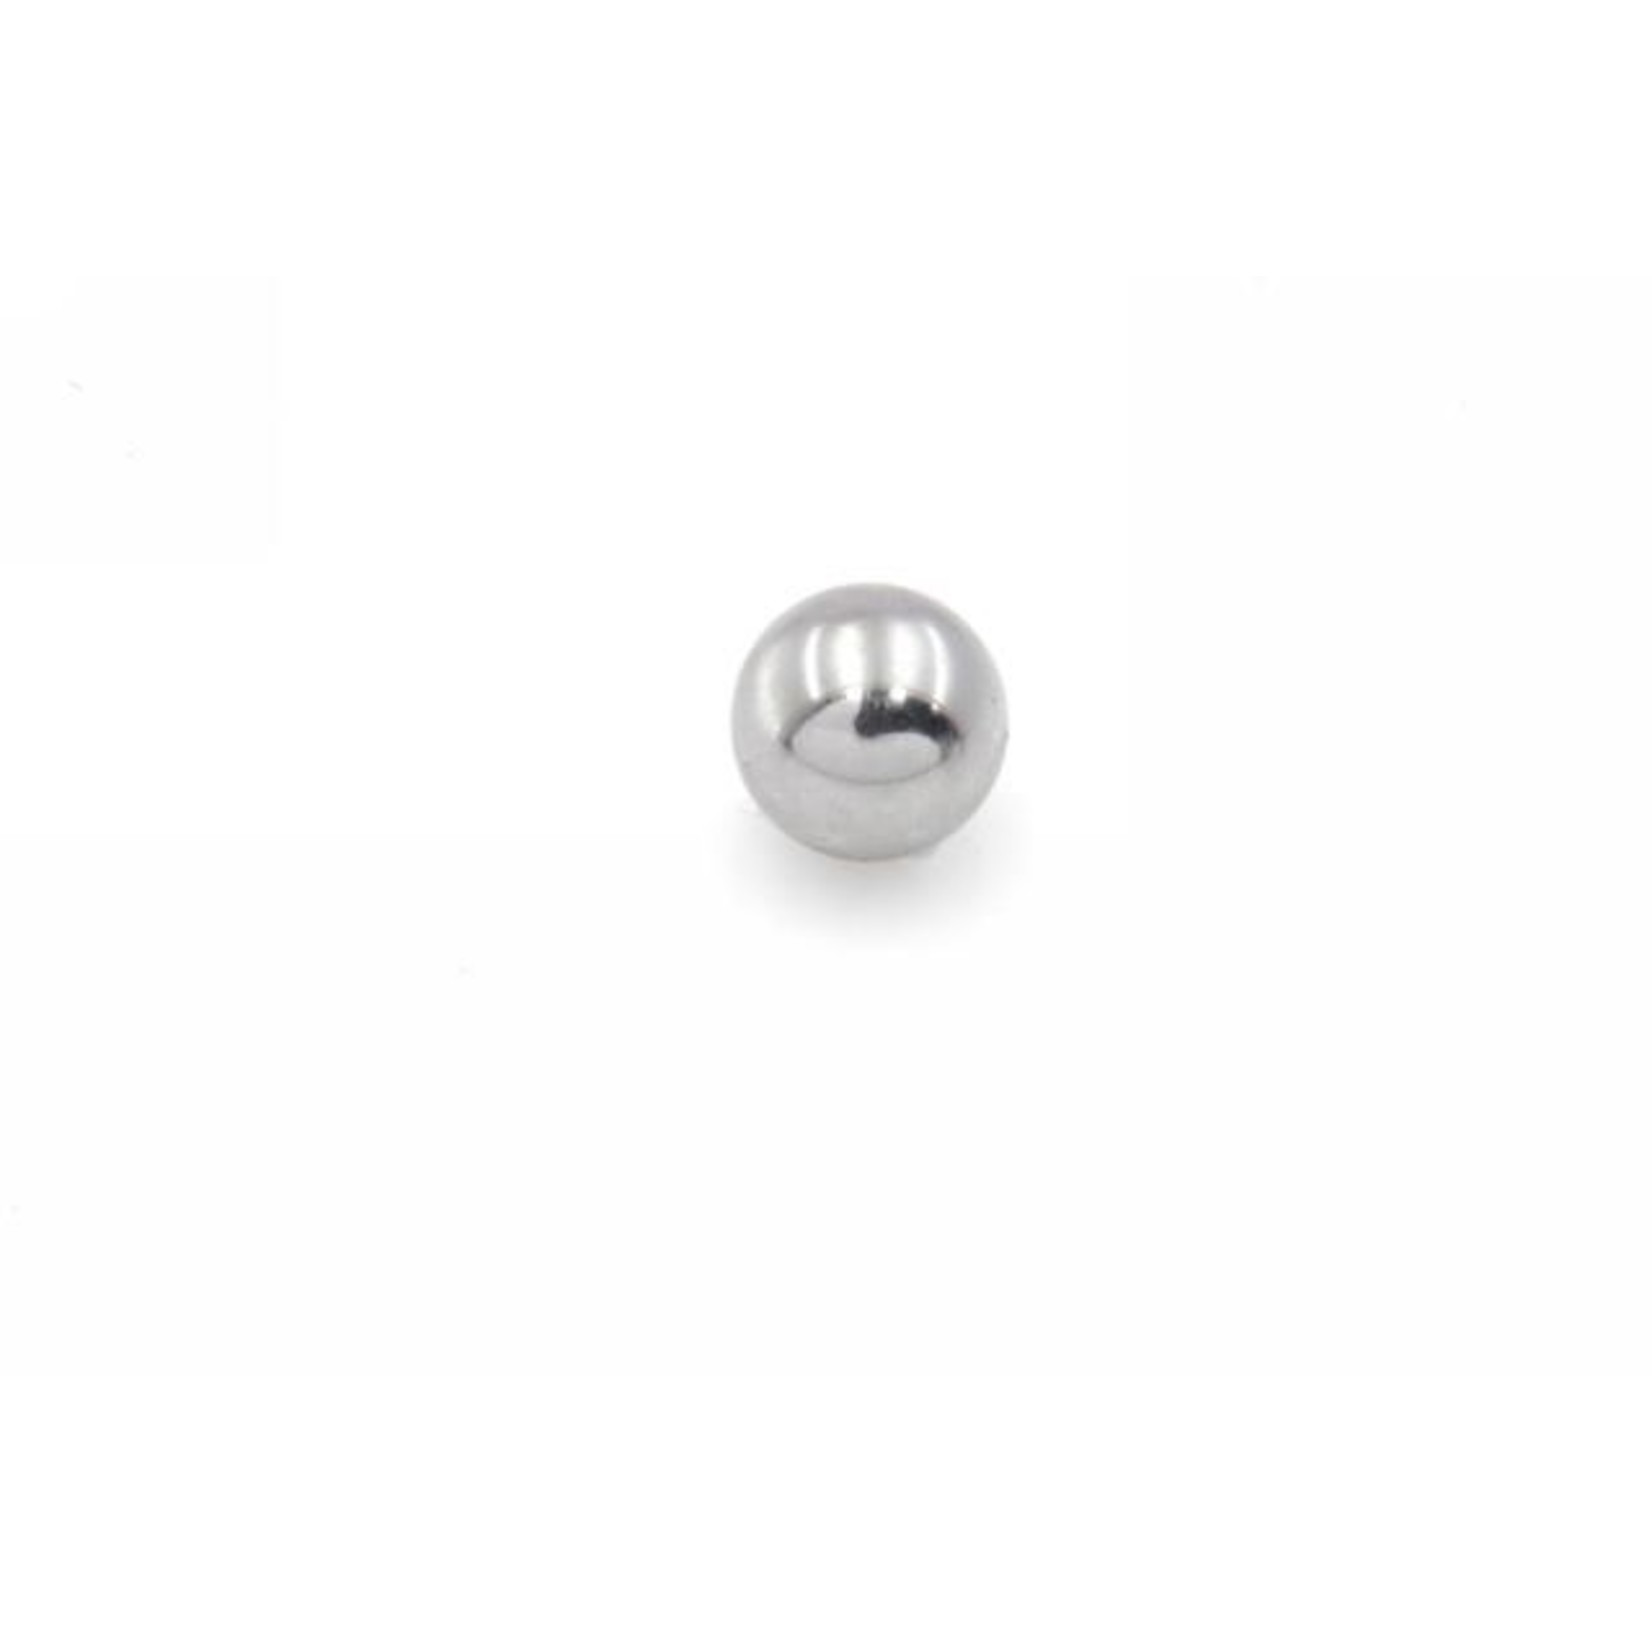 Bille de cylindre suspension 60-75 15,875mm Nr Org: 24108009